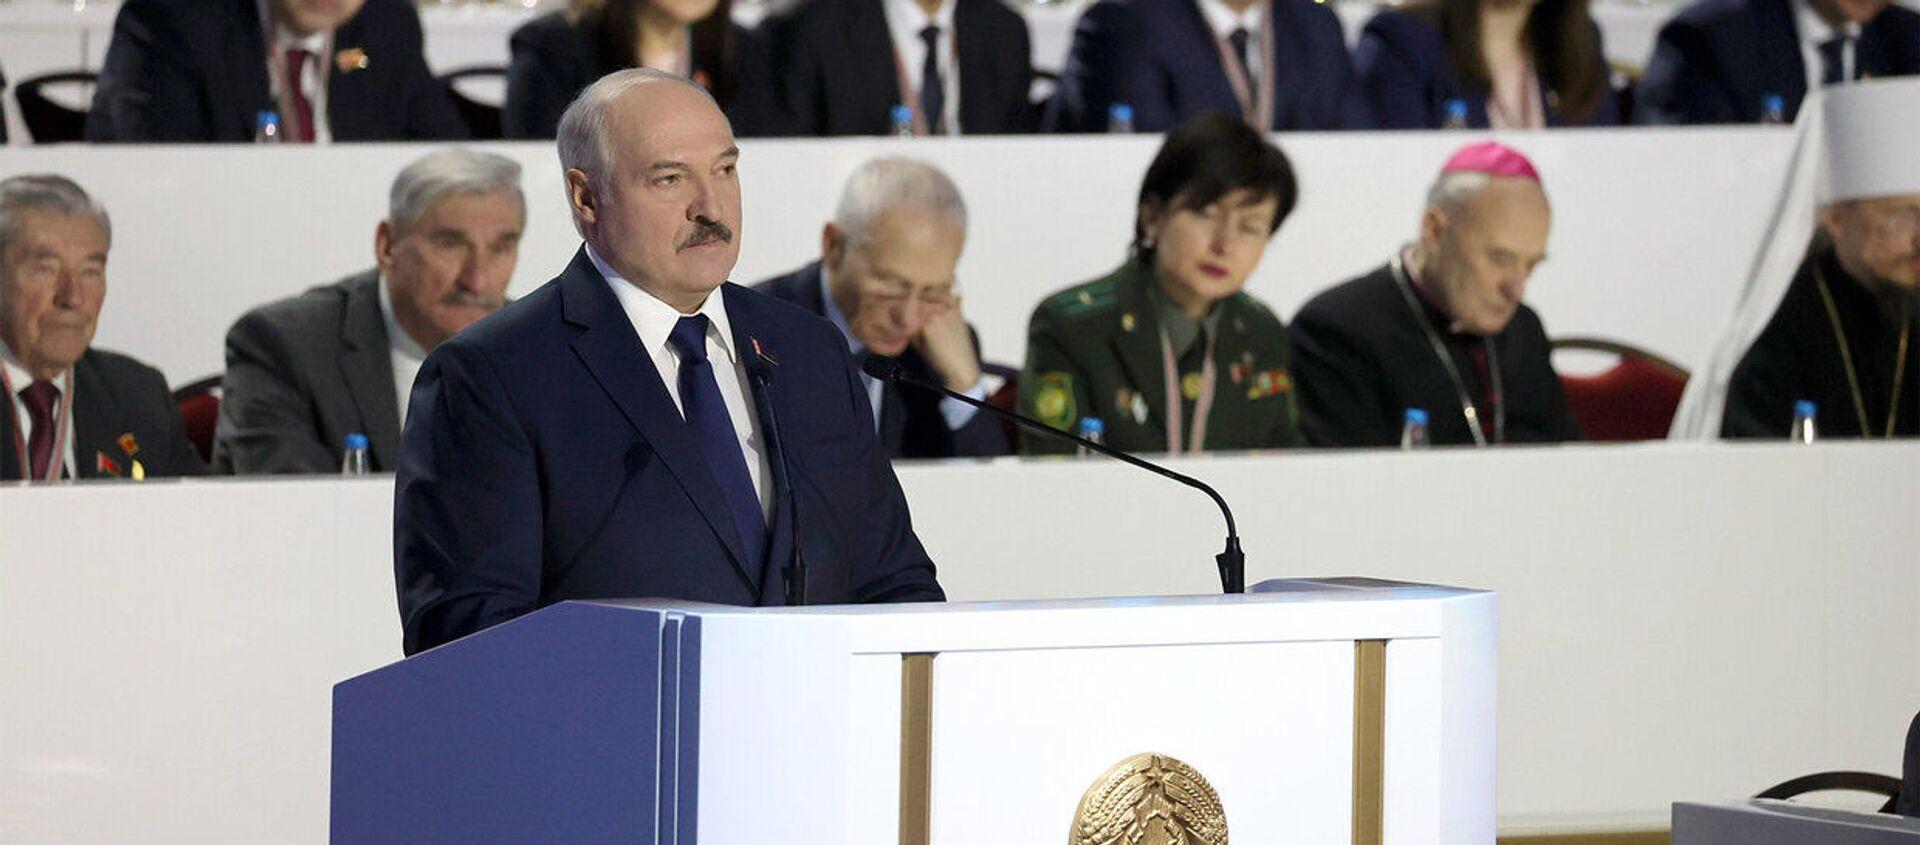 Выступление Лукашенко в начале ВНС - Sputnik Беларусь, 1920, 04.03.2021